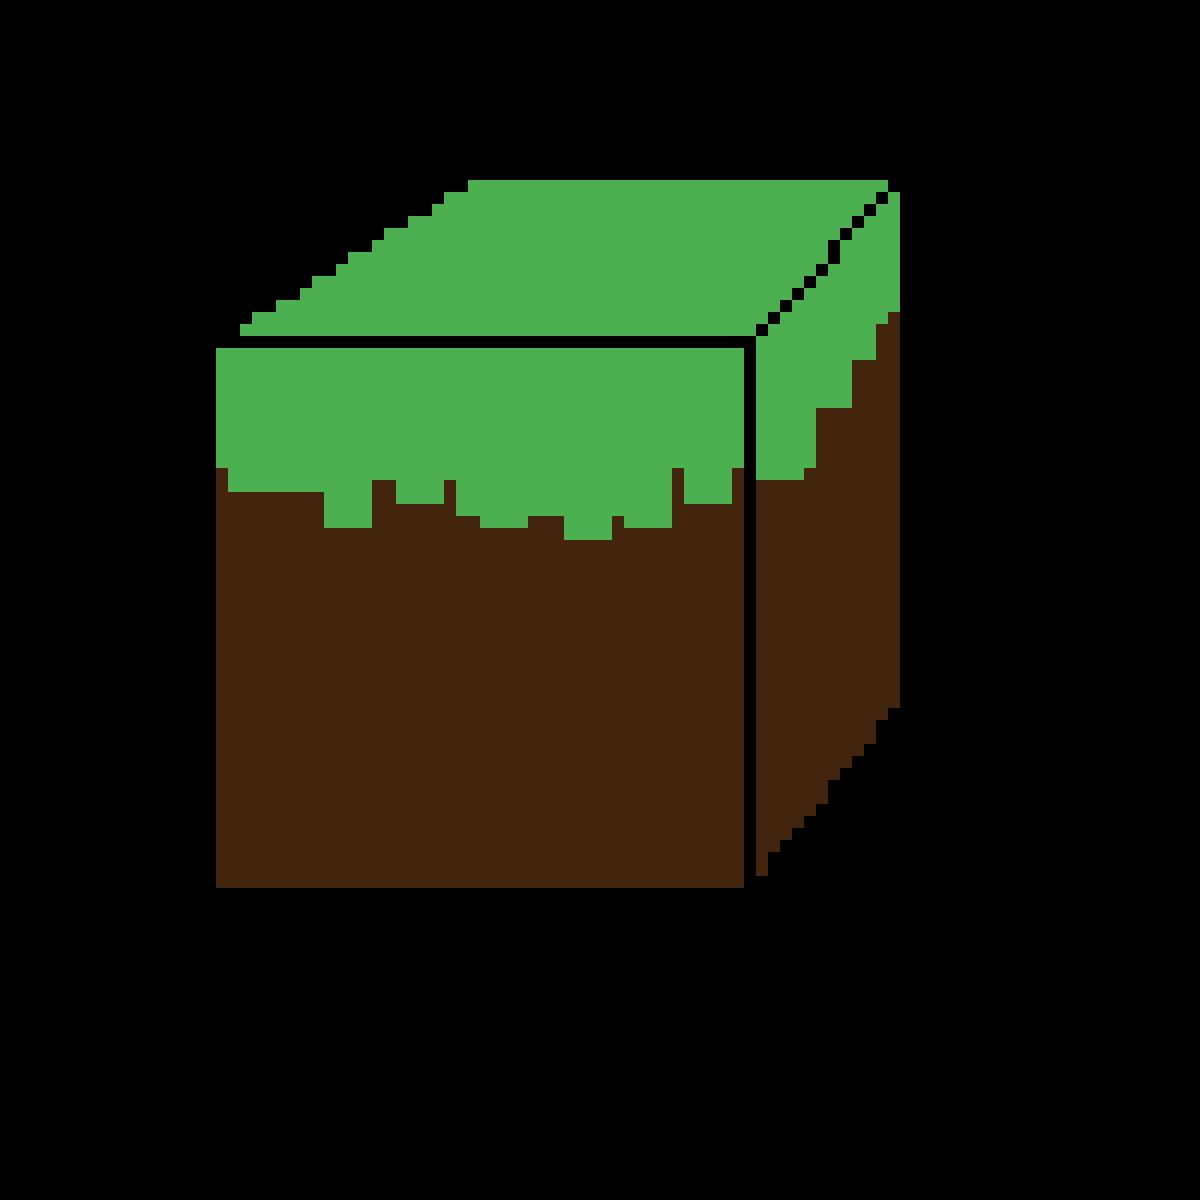 minecraft grass block png